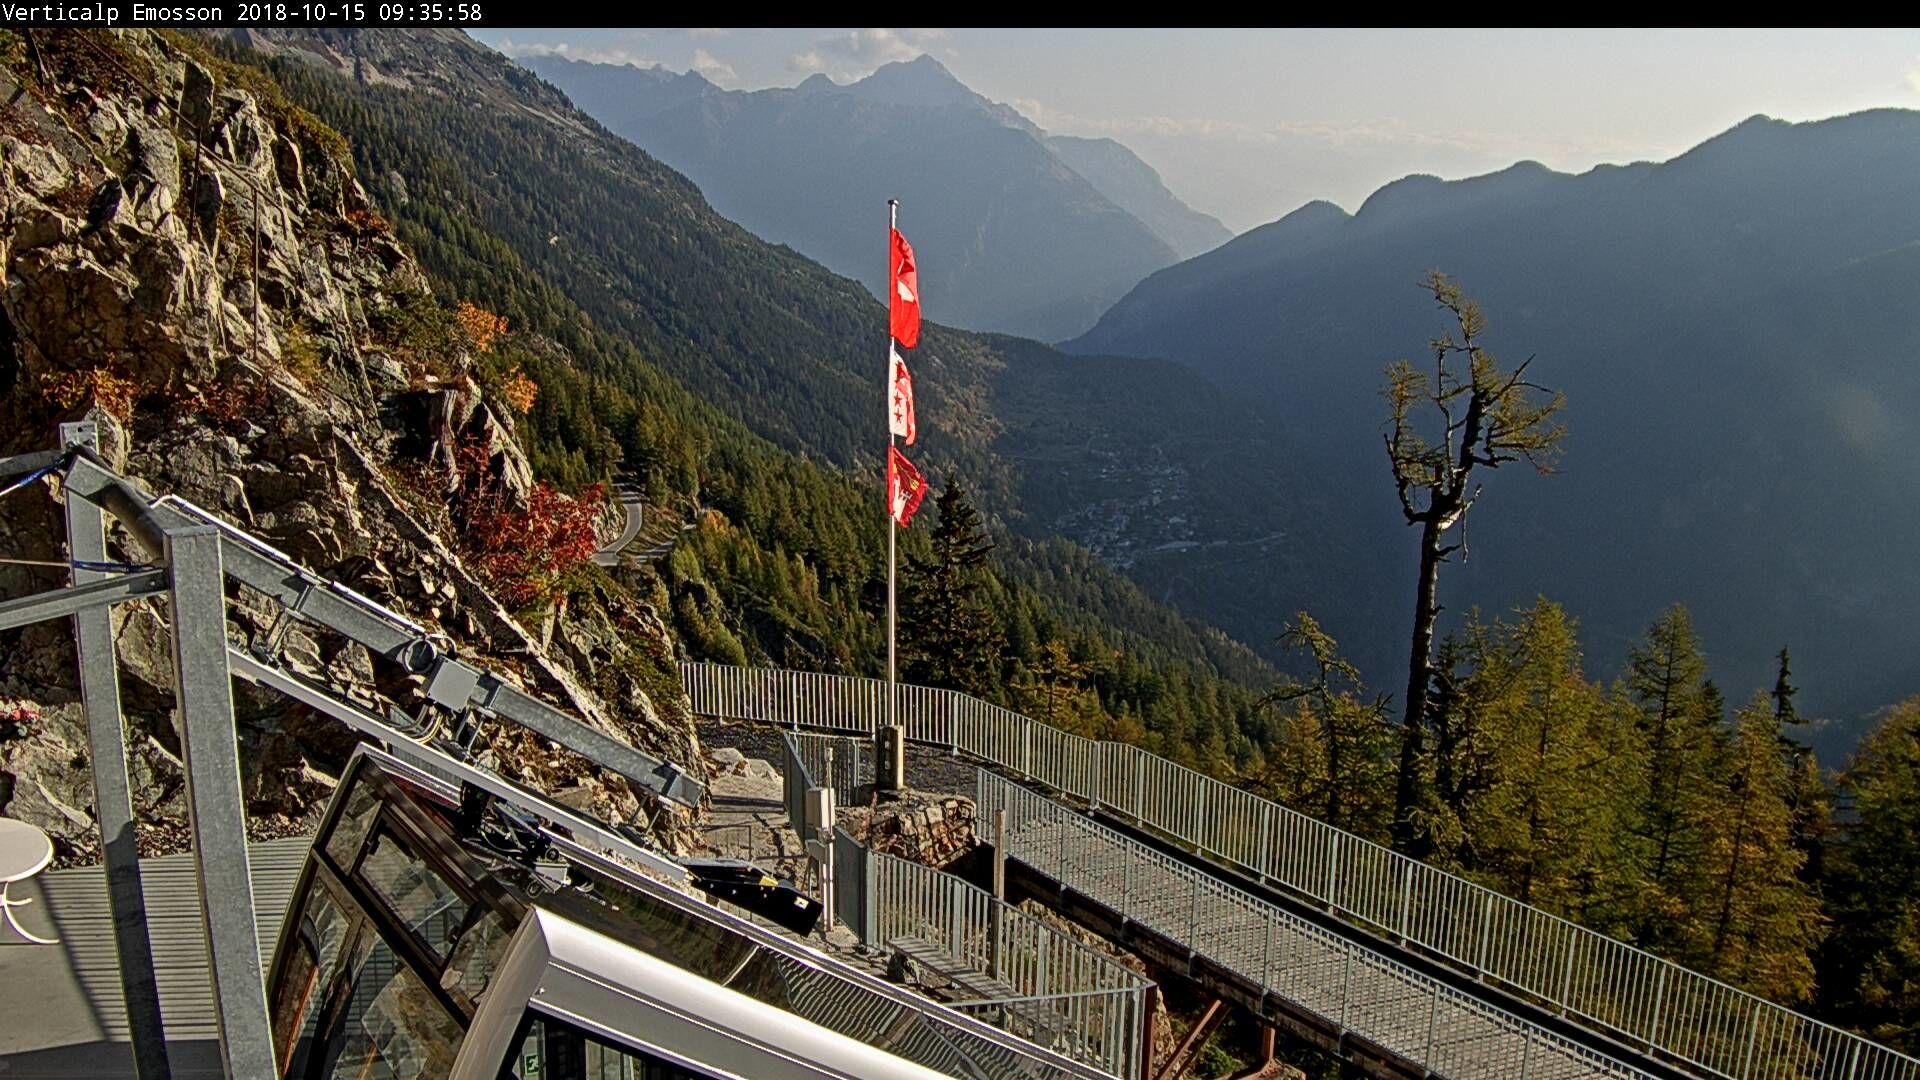 VerticAlp Emosson - webcam Les Montuires 1825m